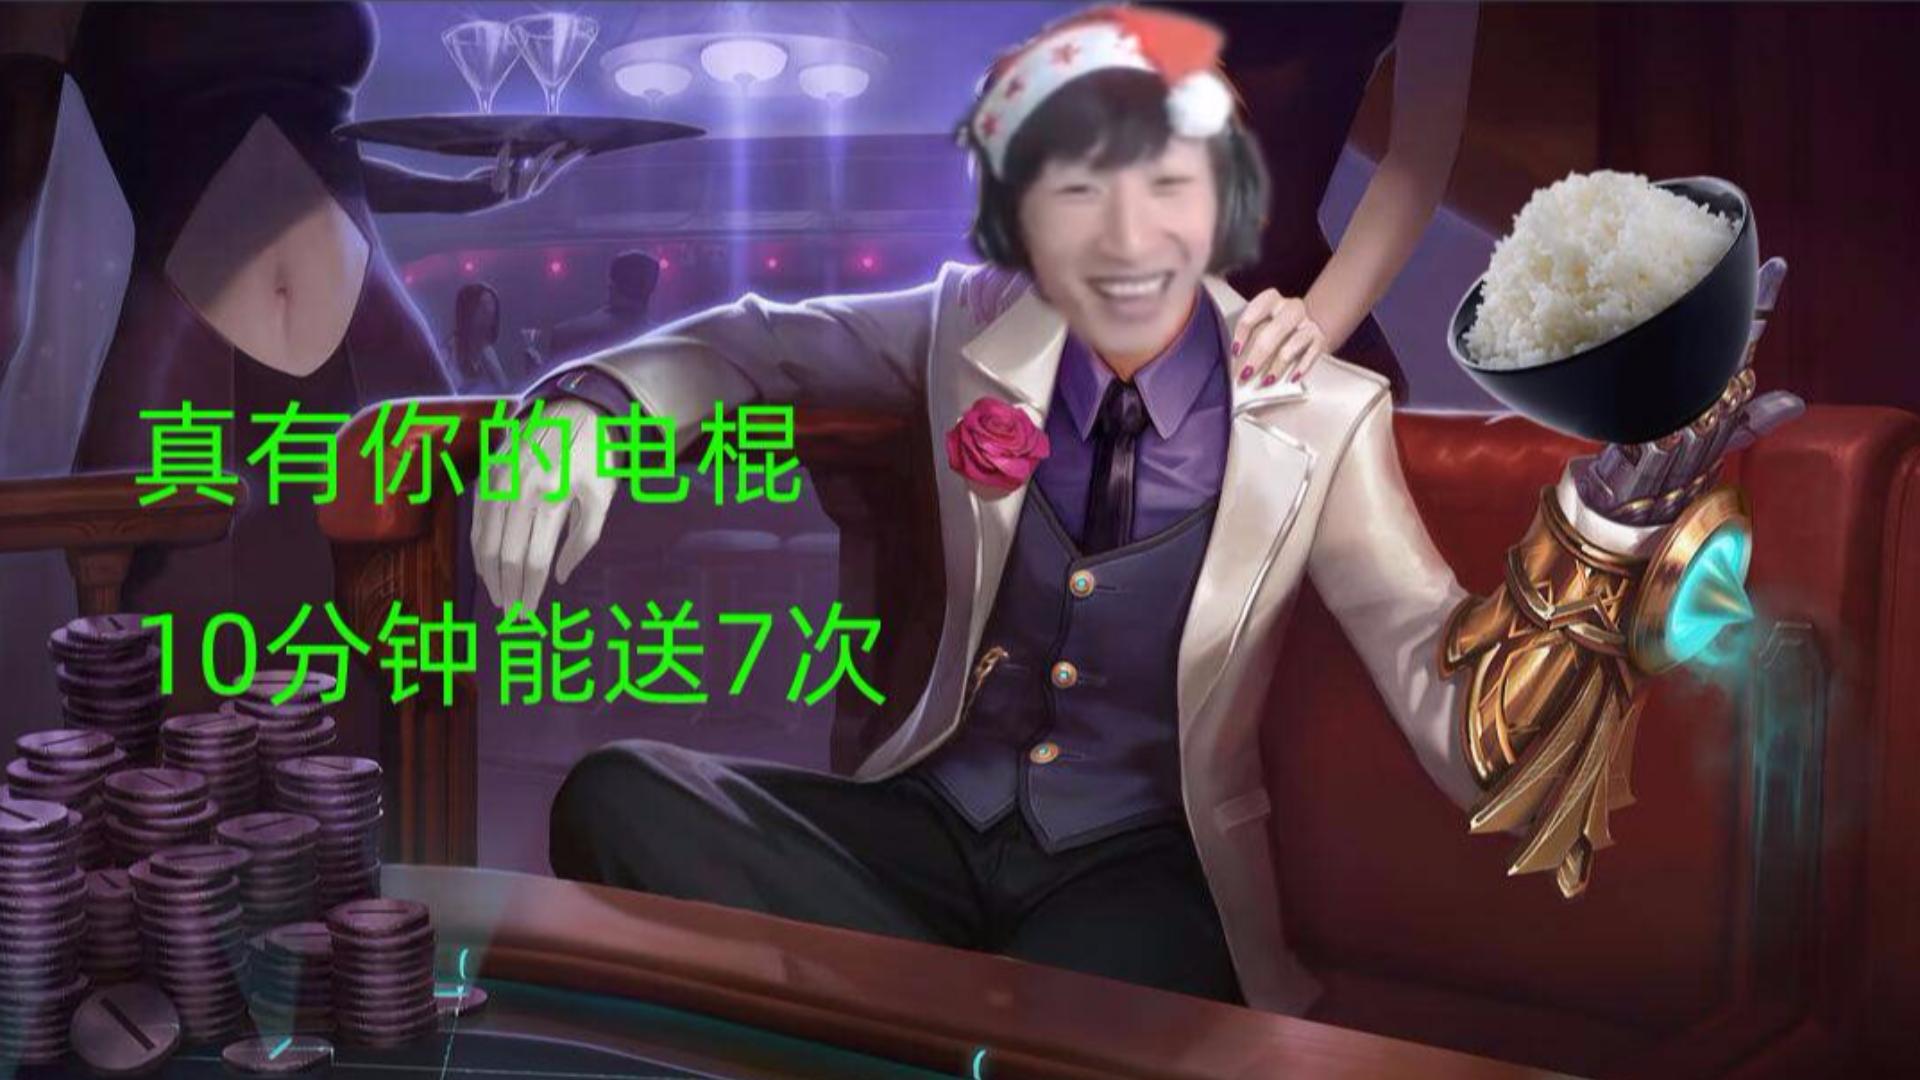 2019年电棍EZ病友级下饭操作(下)